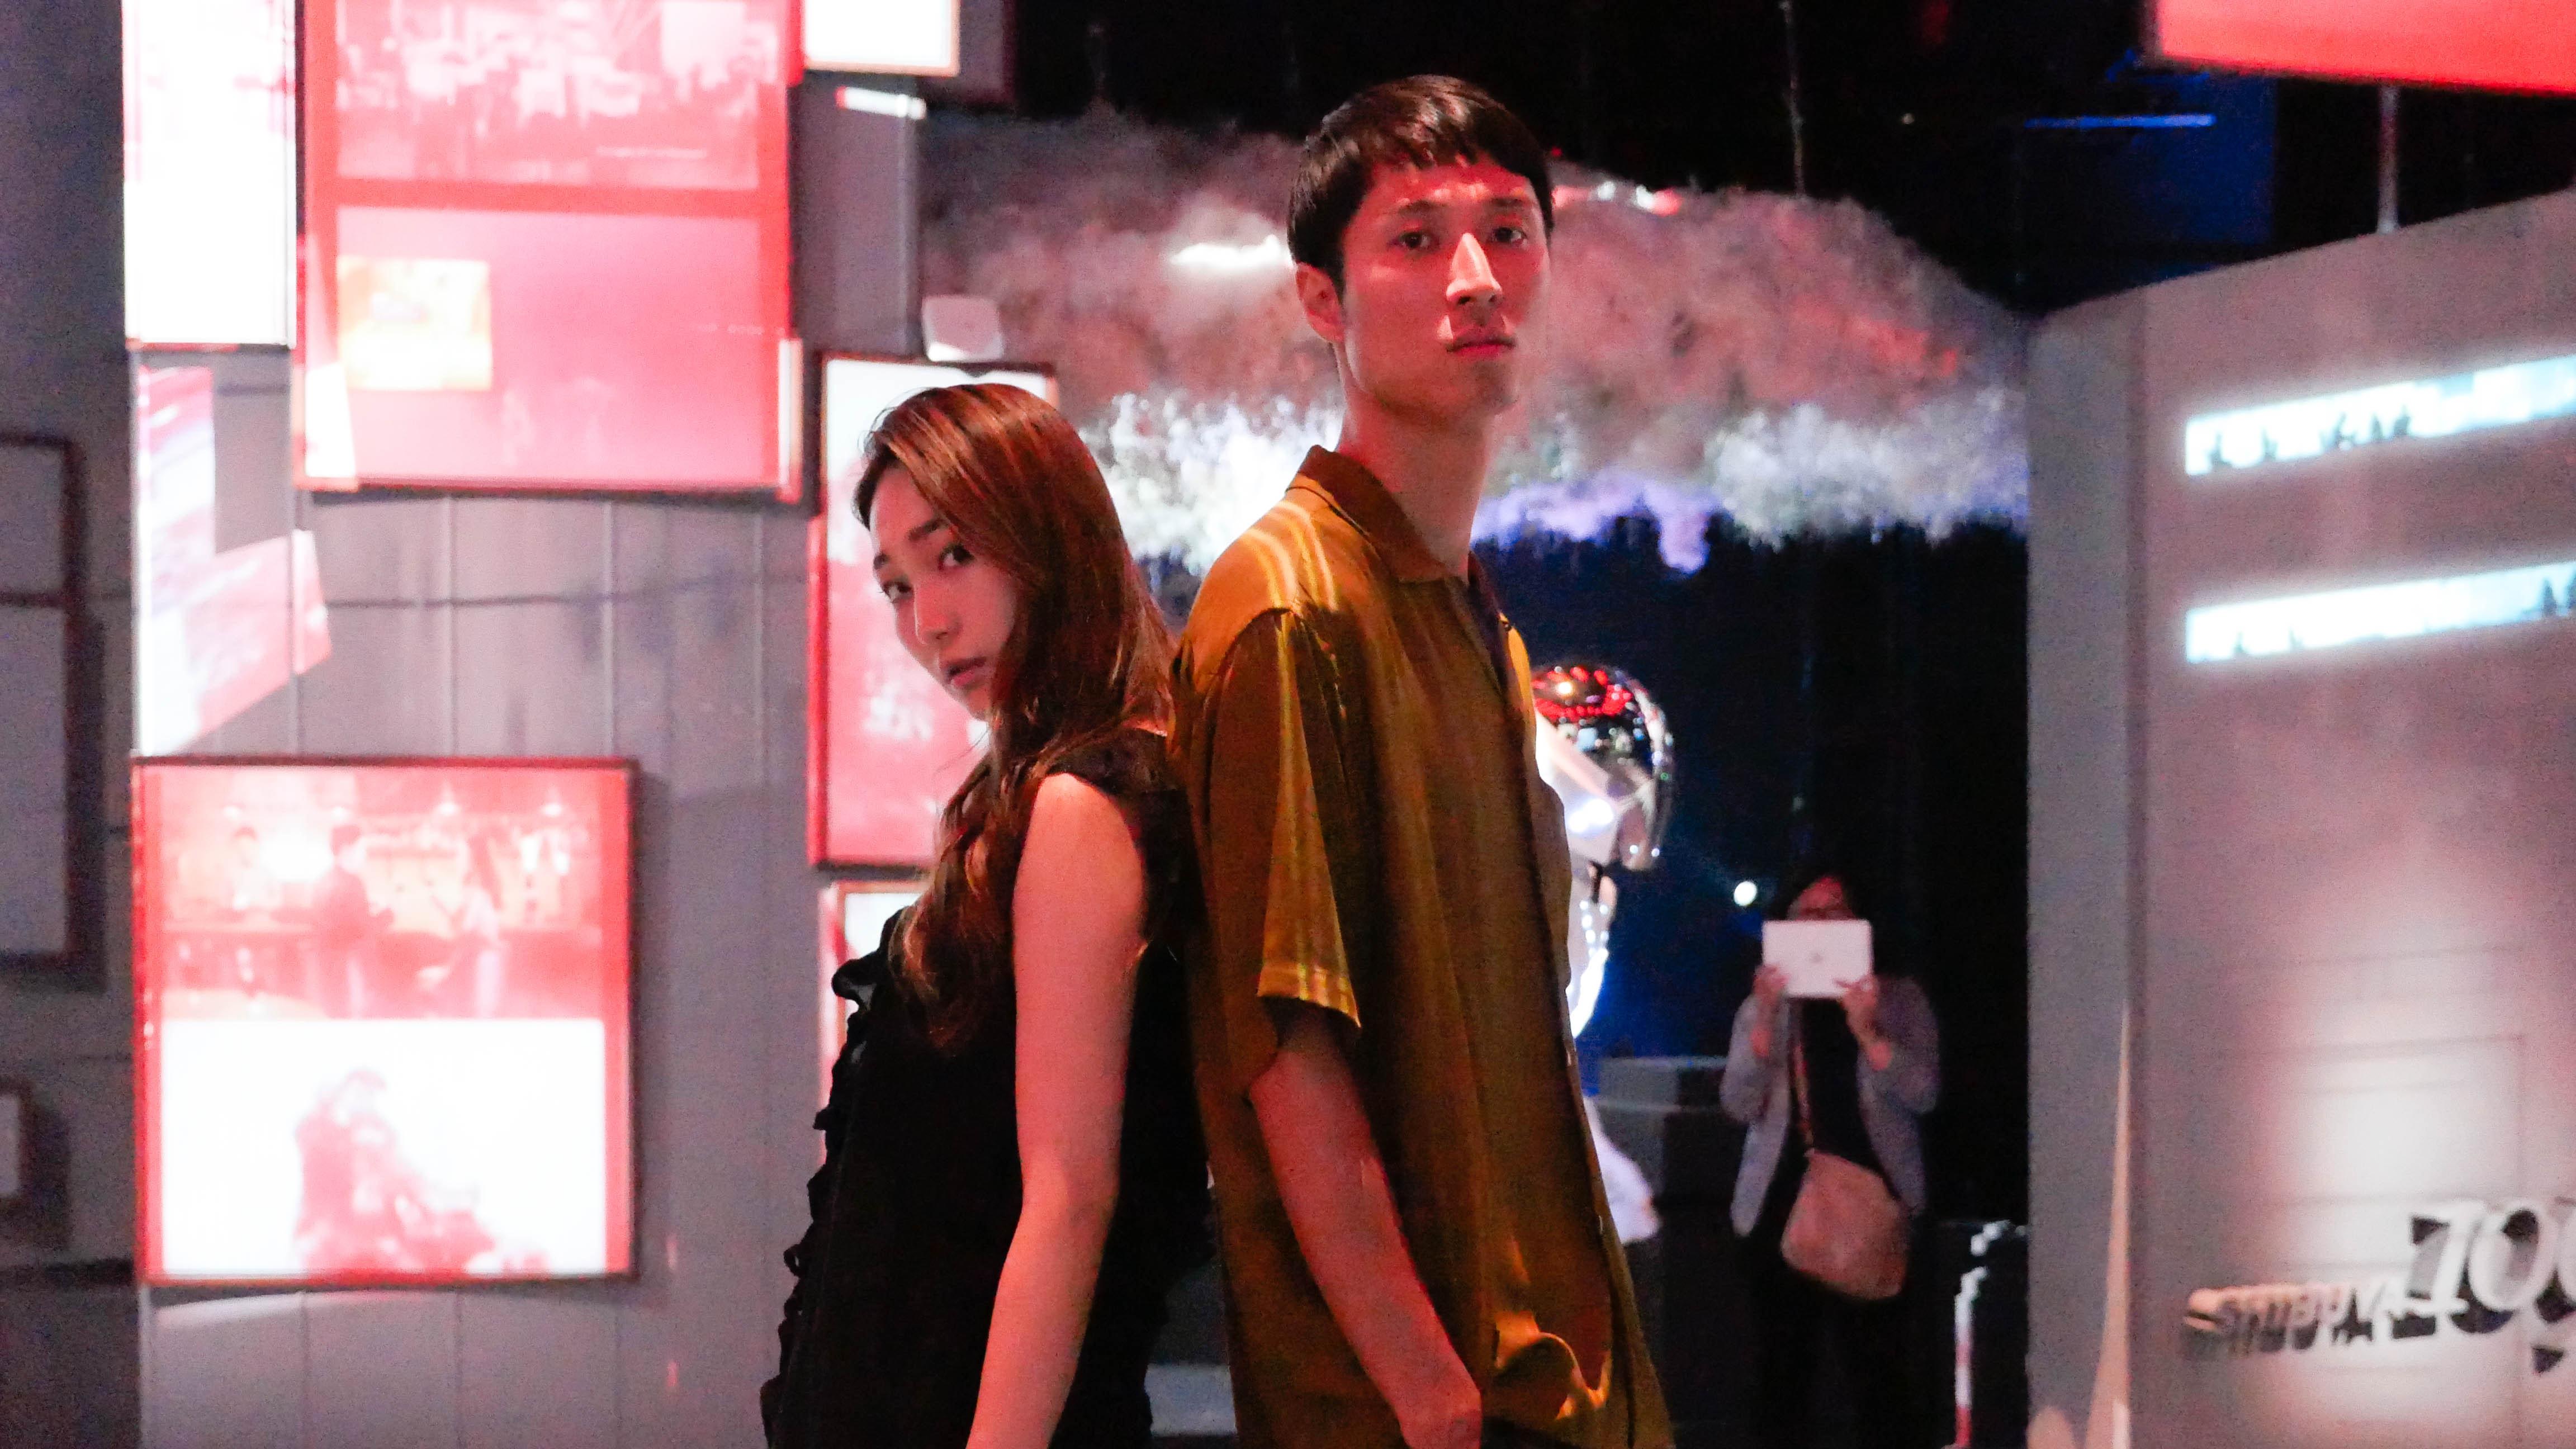 屋内デートはムードと迫力満点のTOKYO ART CITY by NAKEDで【夏のデートコーデ】